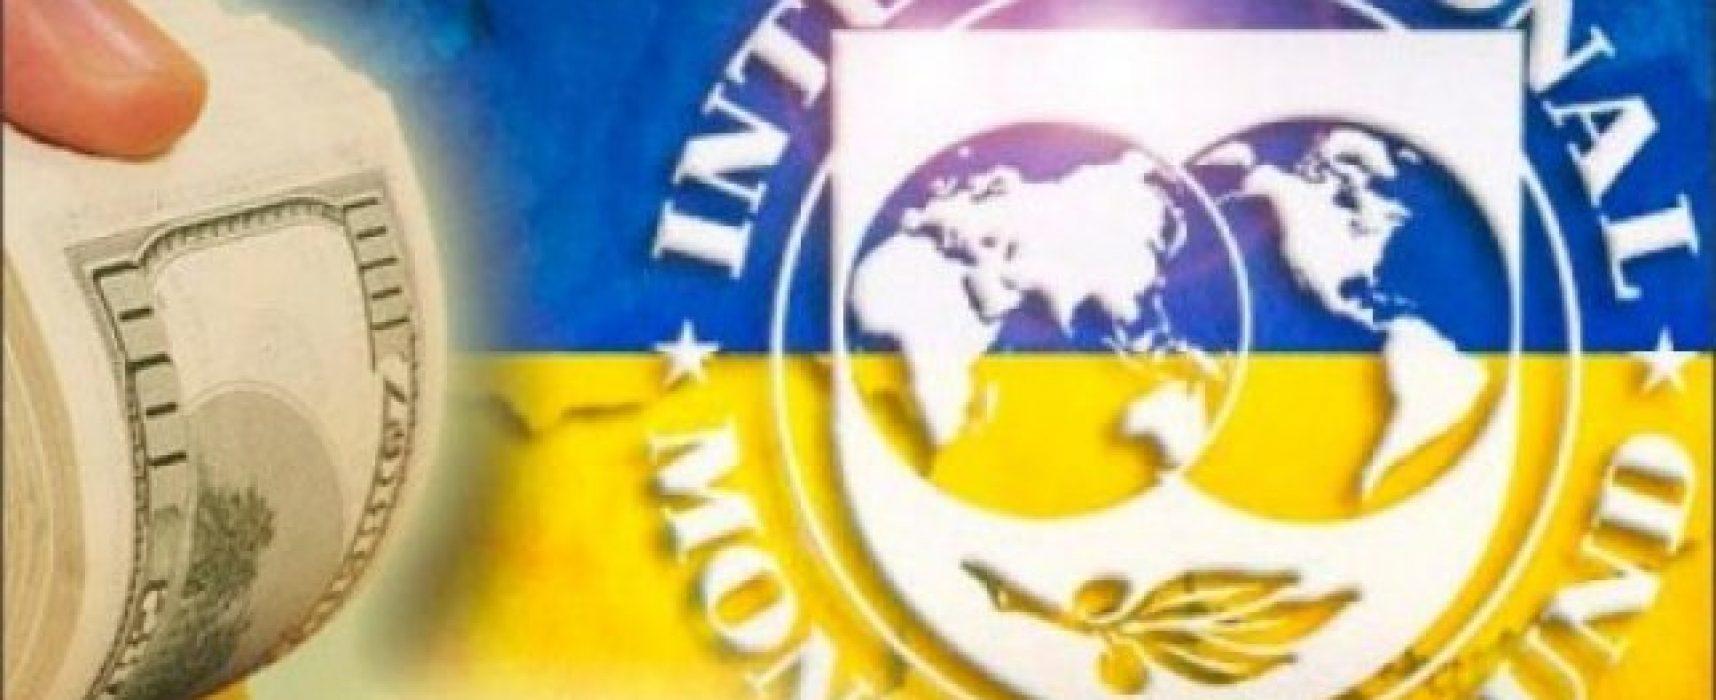 Фейк РИА «Новости»: зовнішній борг України за час співпраці з МВФ стрімко зріс